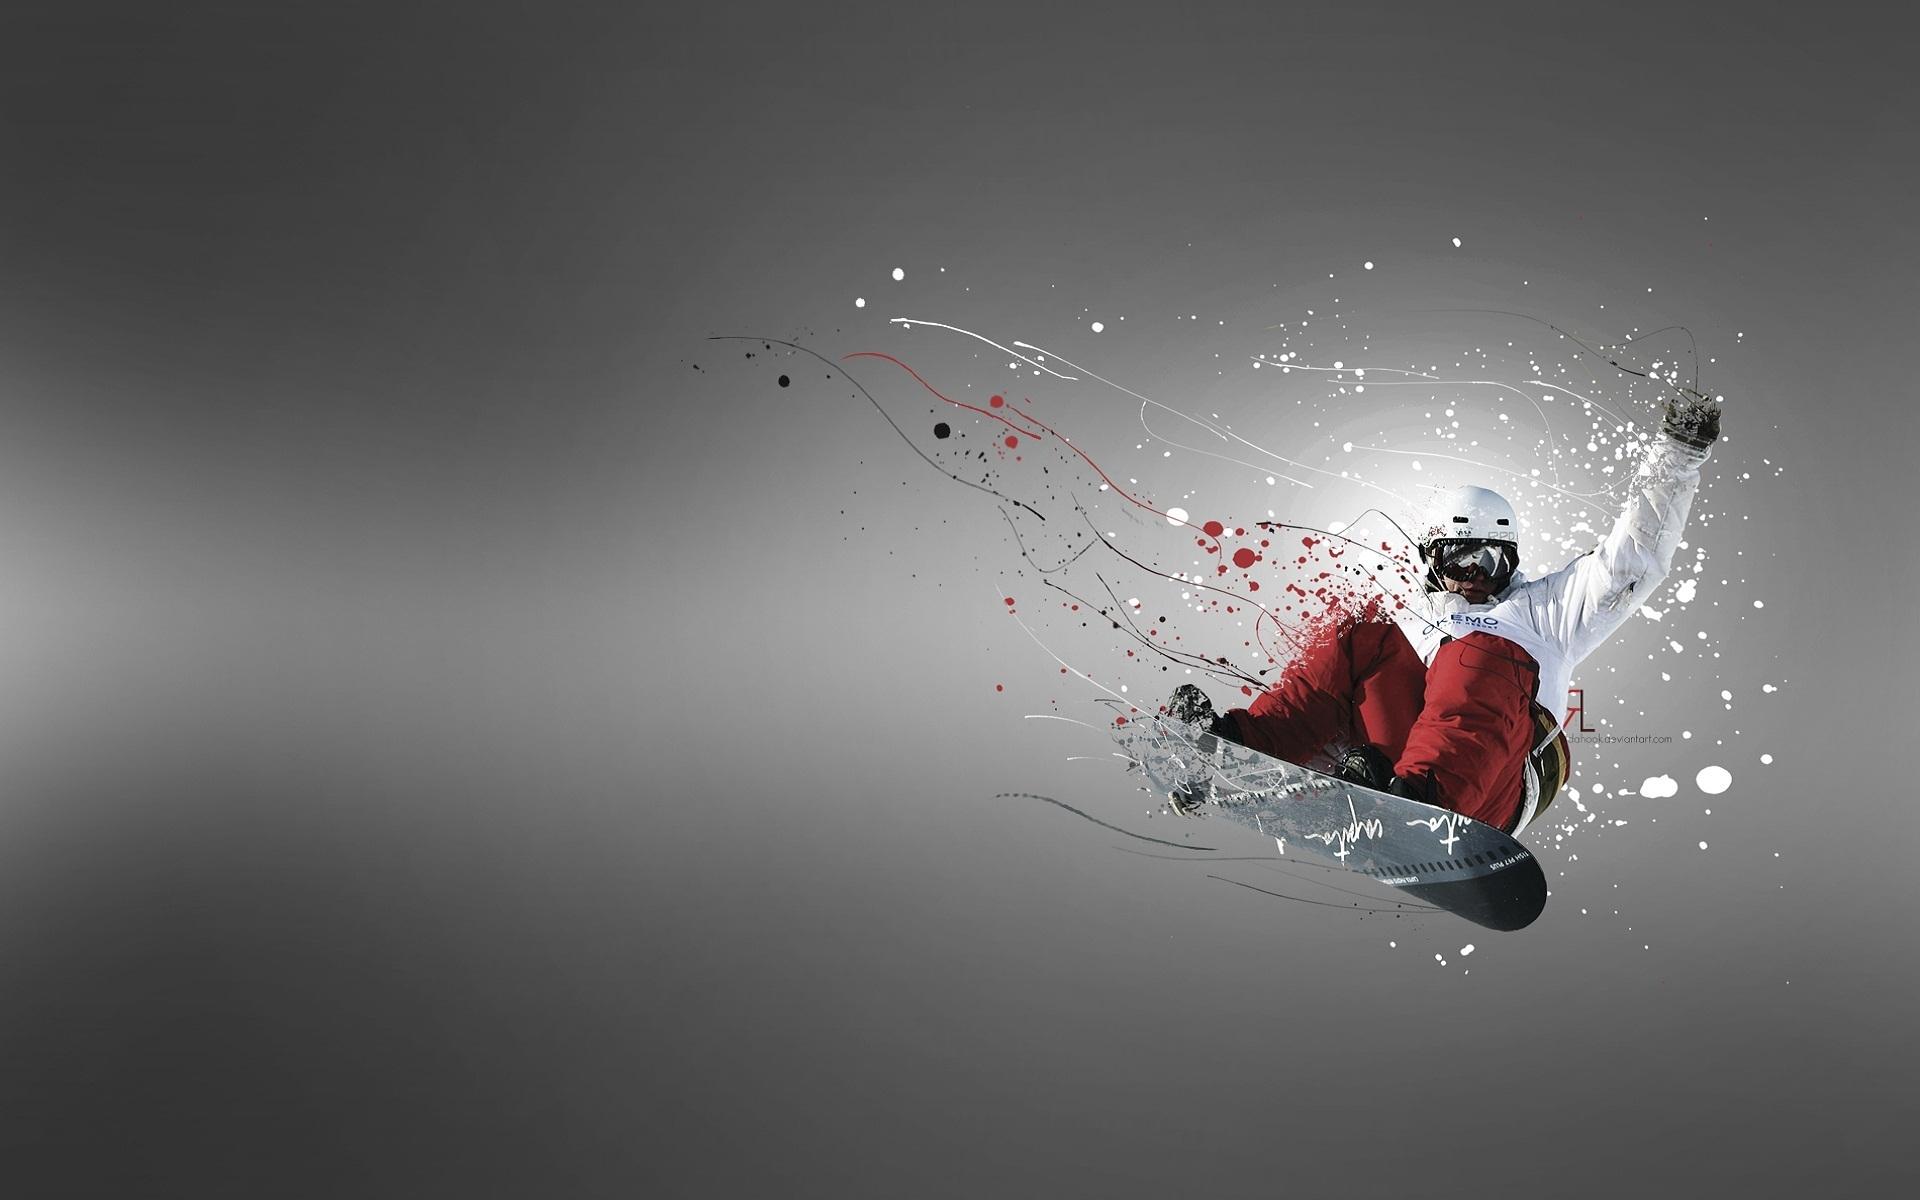 сноубордист в прыжке скачать